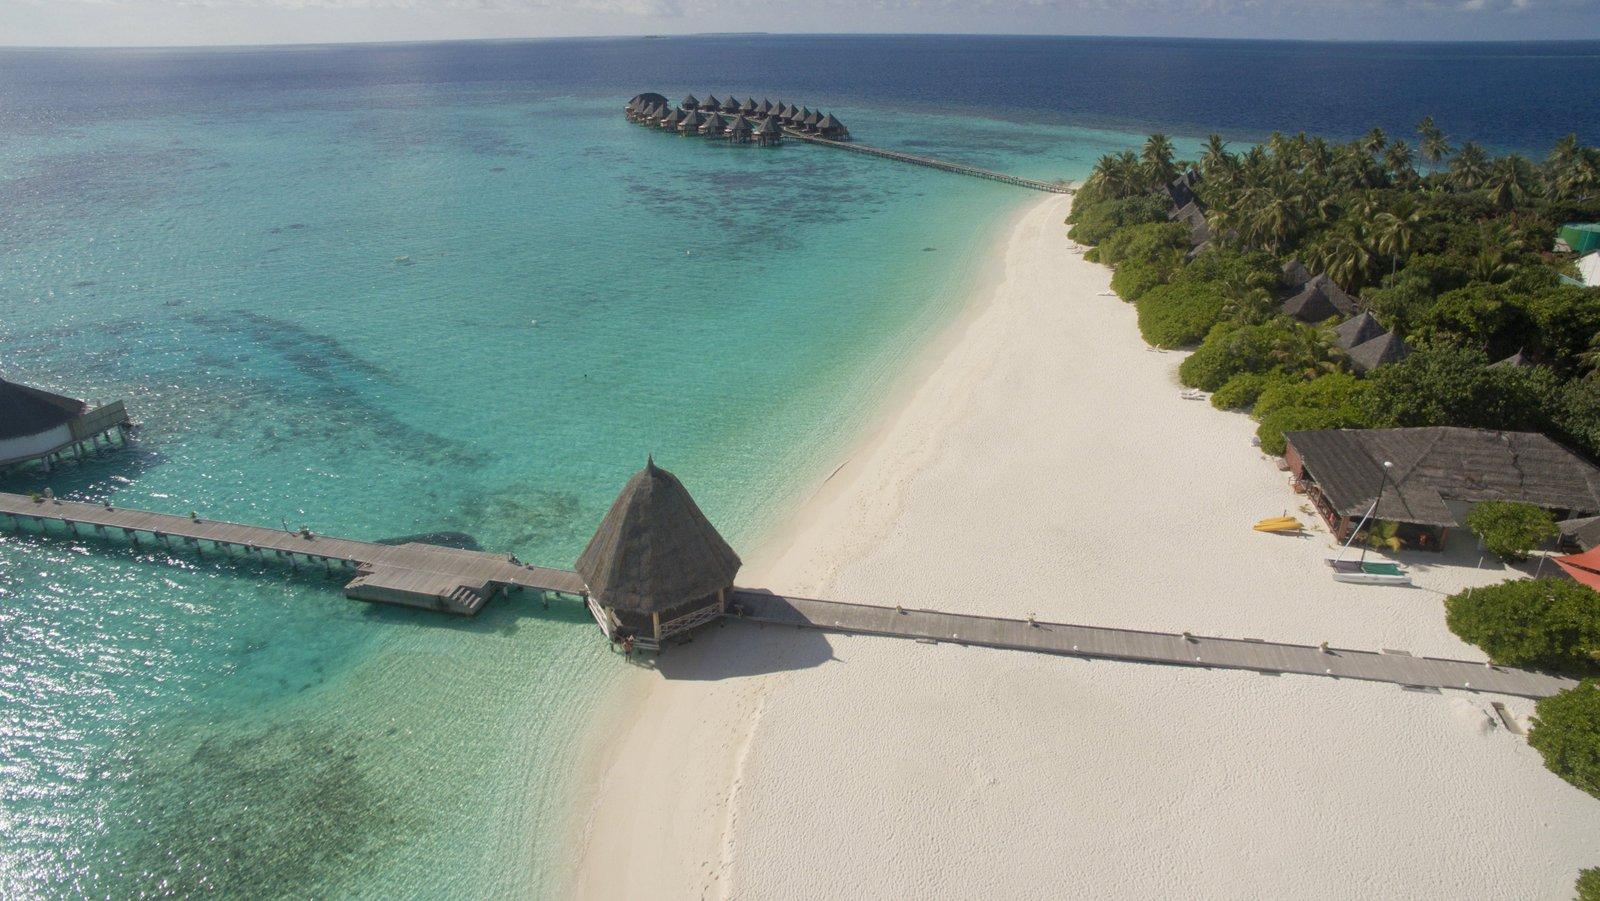 Мальдивы, отель Angaga Island Resort & Spa, пляж